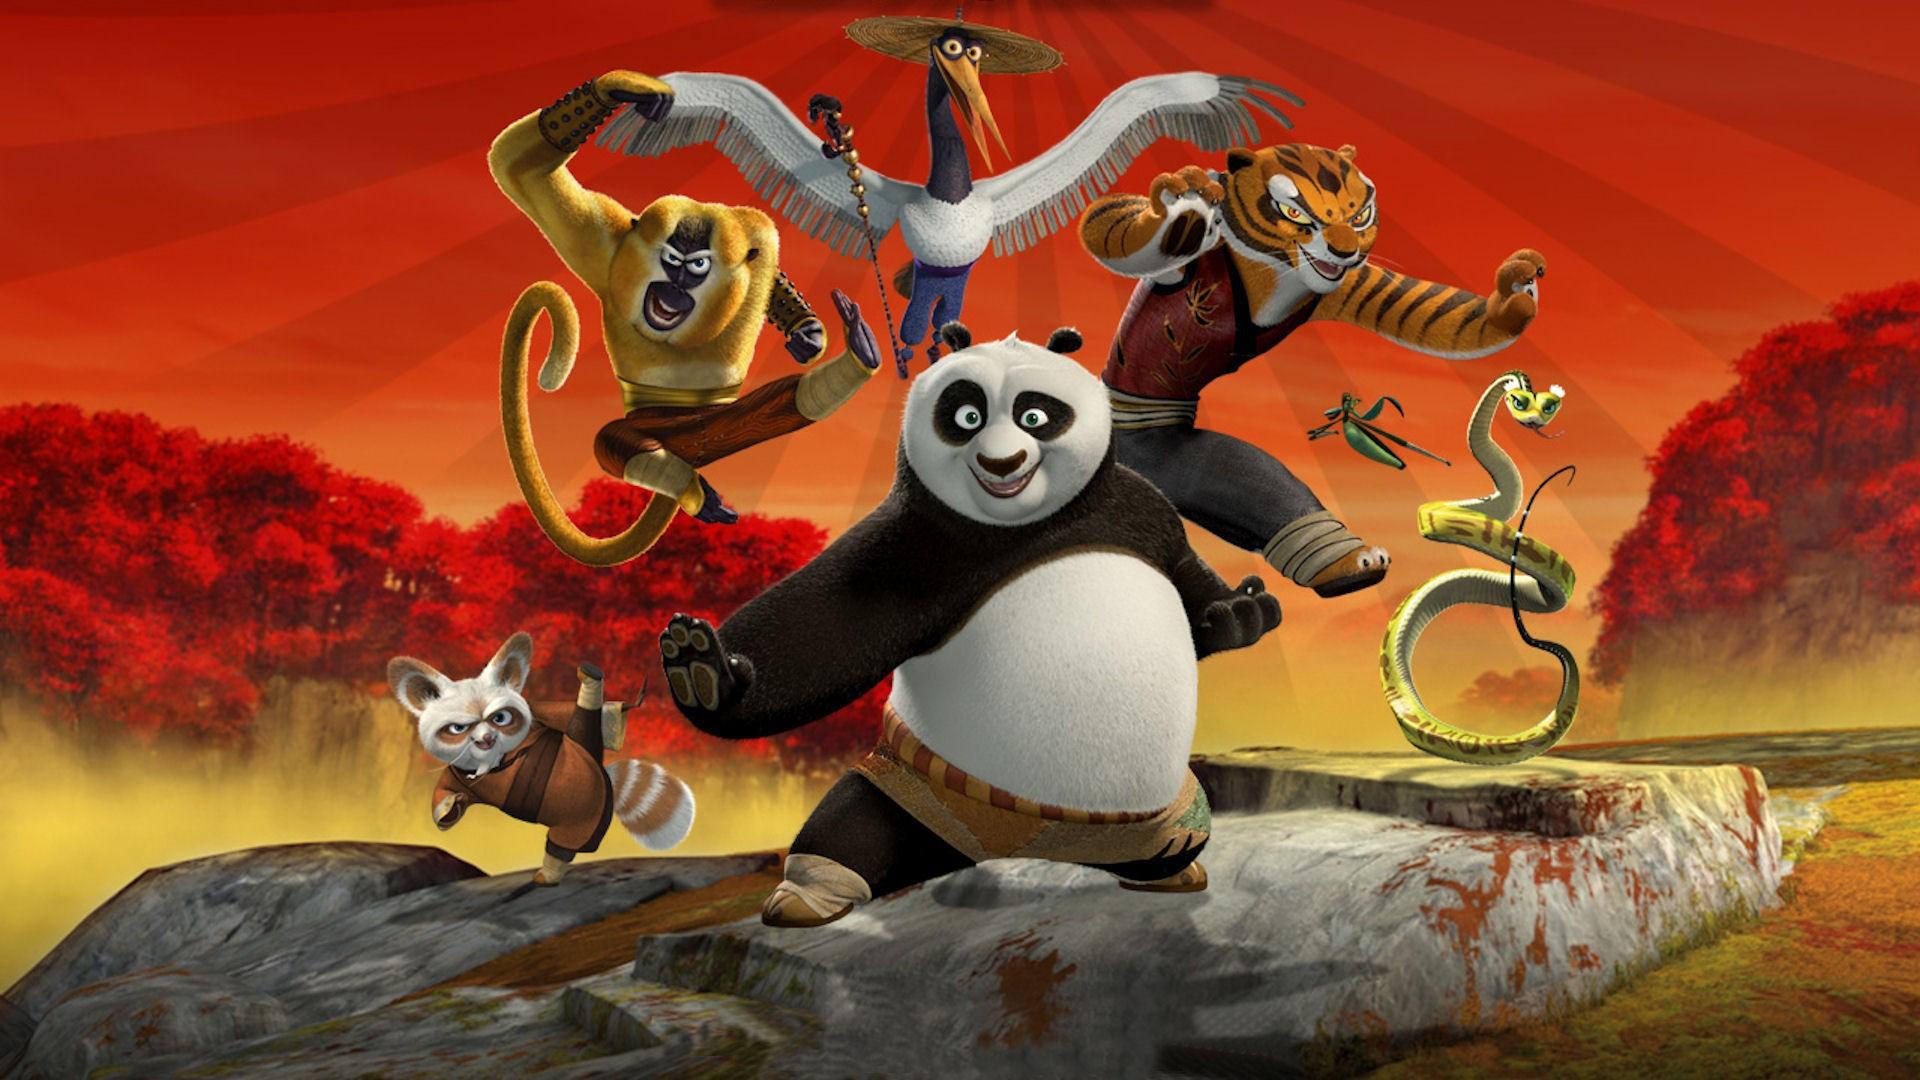 Kung fu panda hd wallpaper wallpapersafari - Kung fu panda wallpaper ...